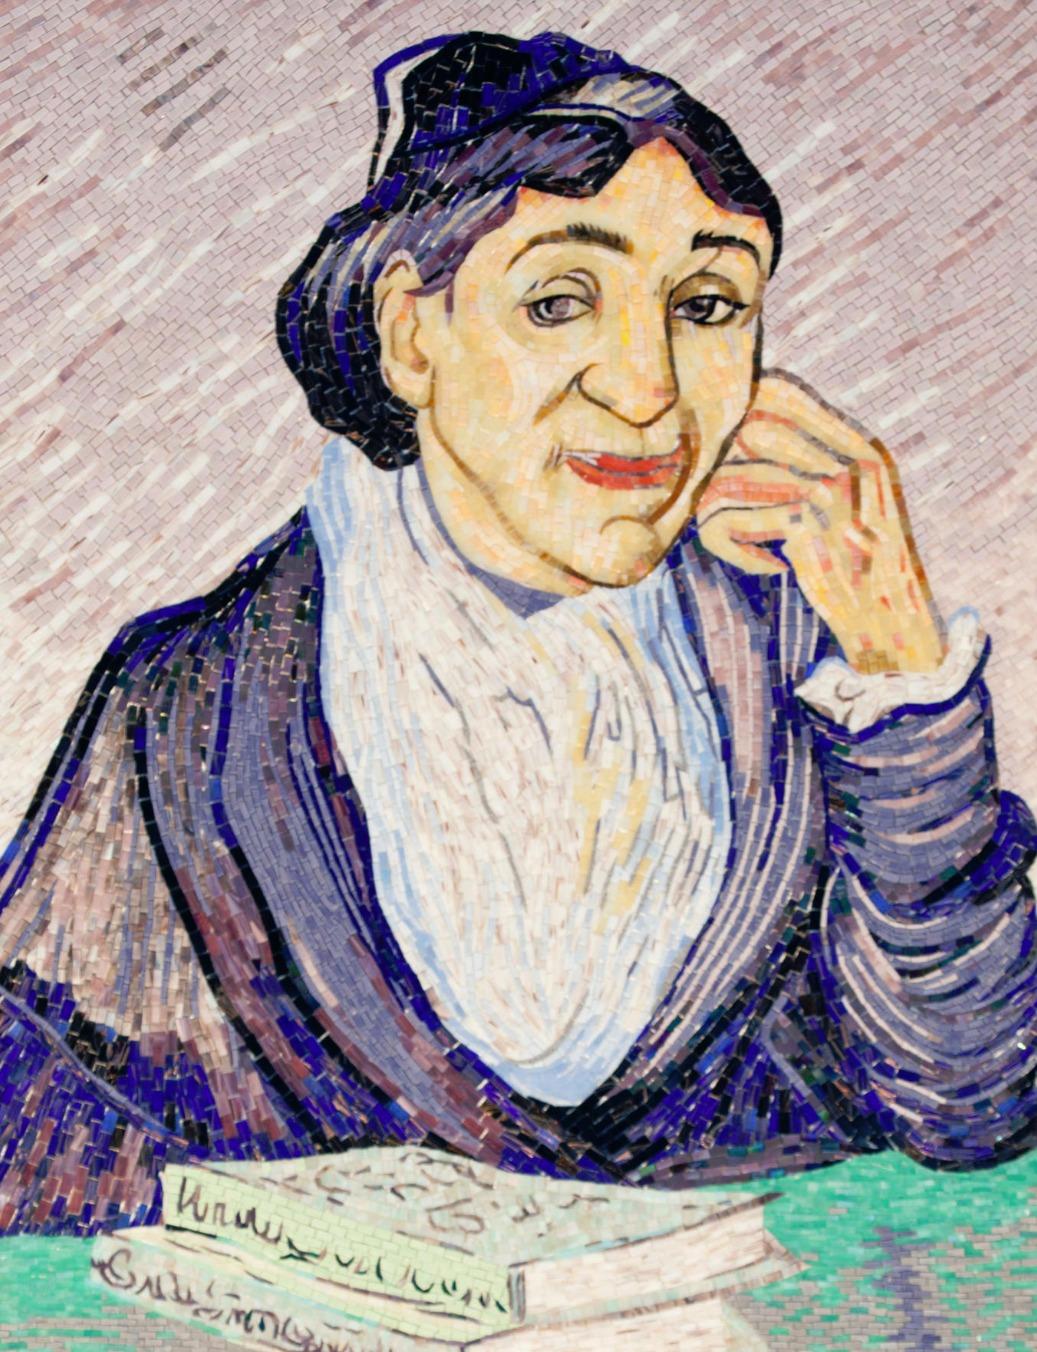 L'Arlesienne, Van Gogh